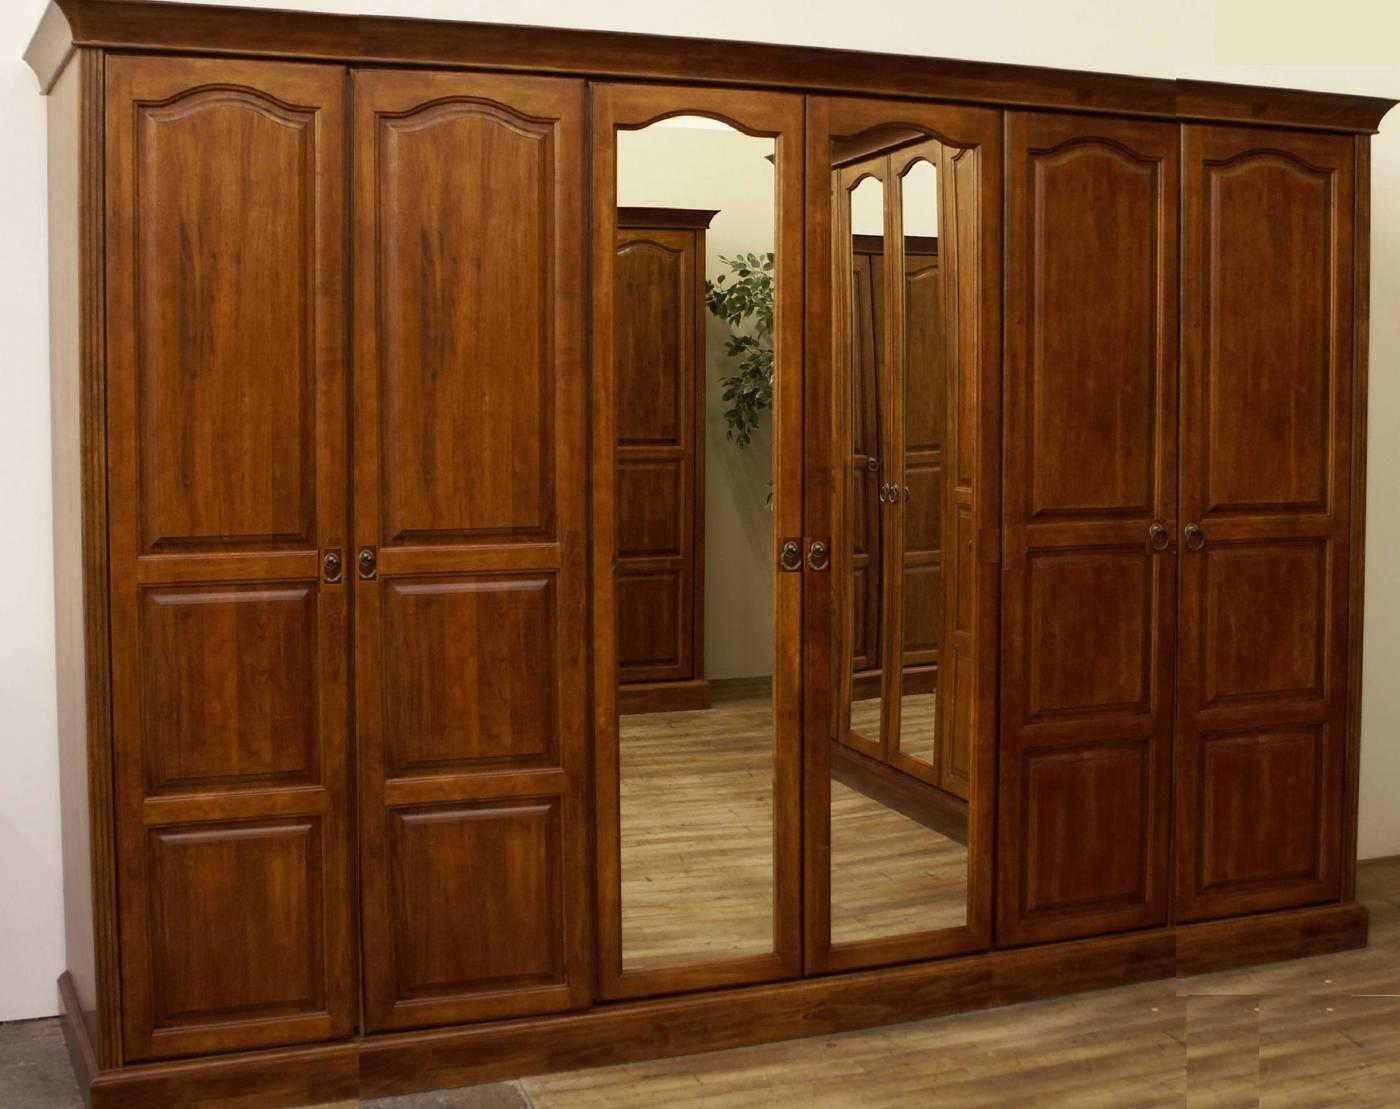 Heirloom Bedroom Furniture From The Bedroom Shop Ltd | Online Within 6 Door Wardrobes Bedroom Furniture (View 11 of 15)